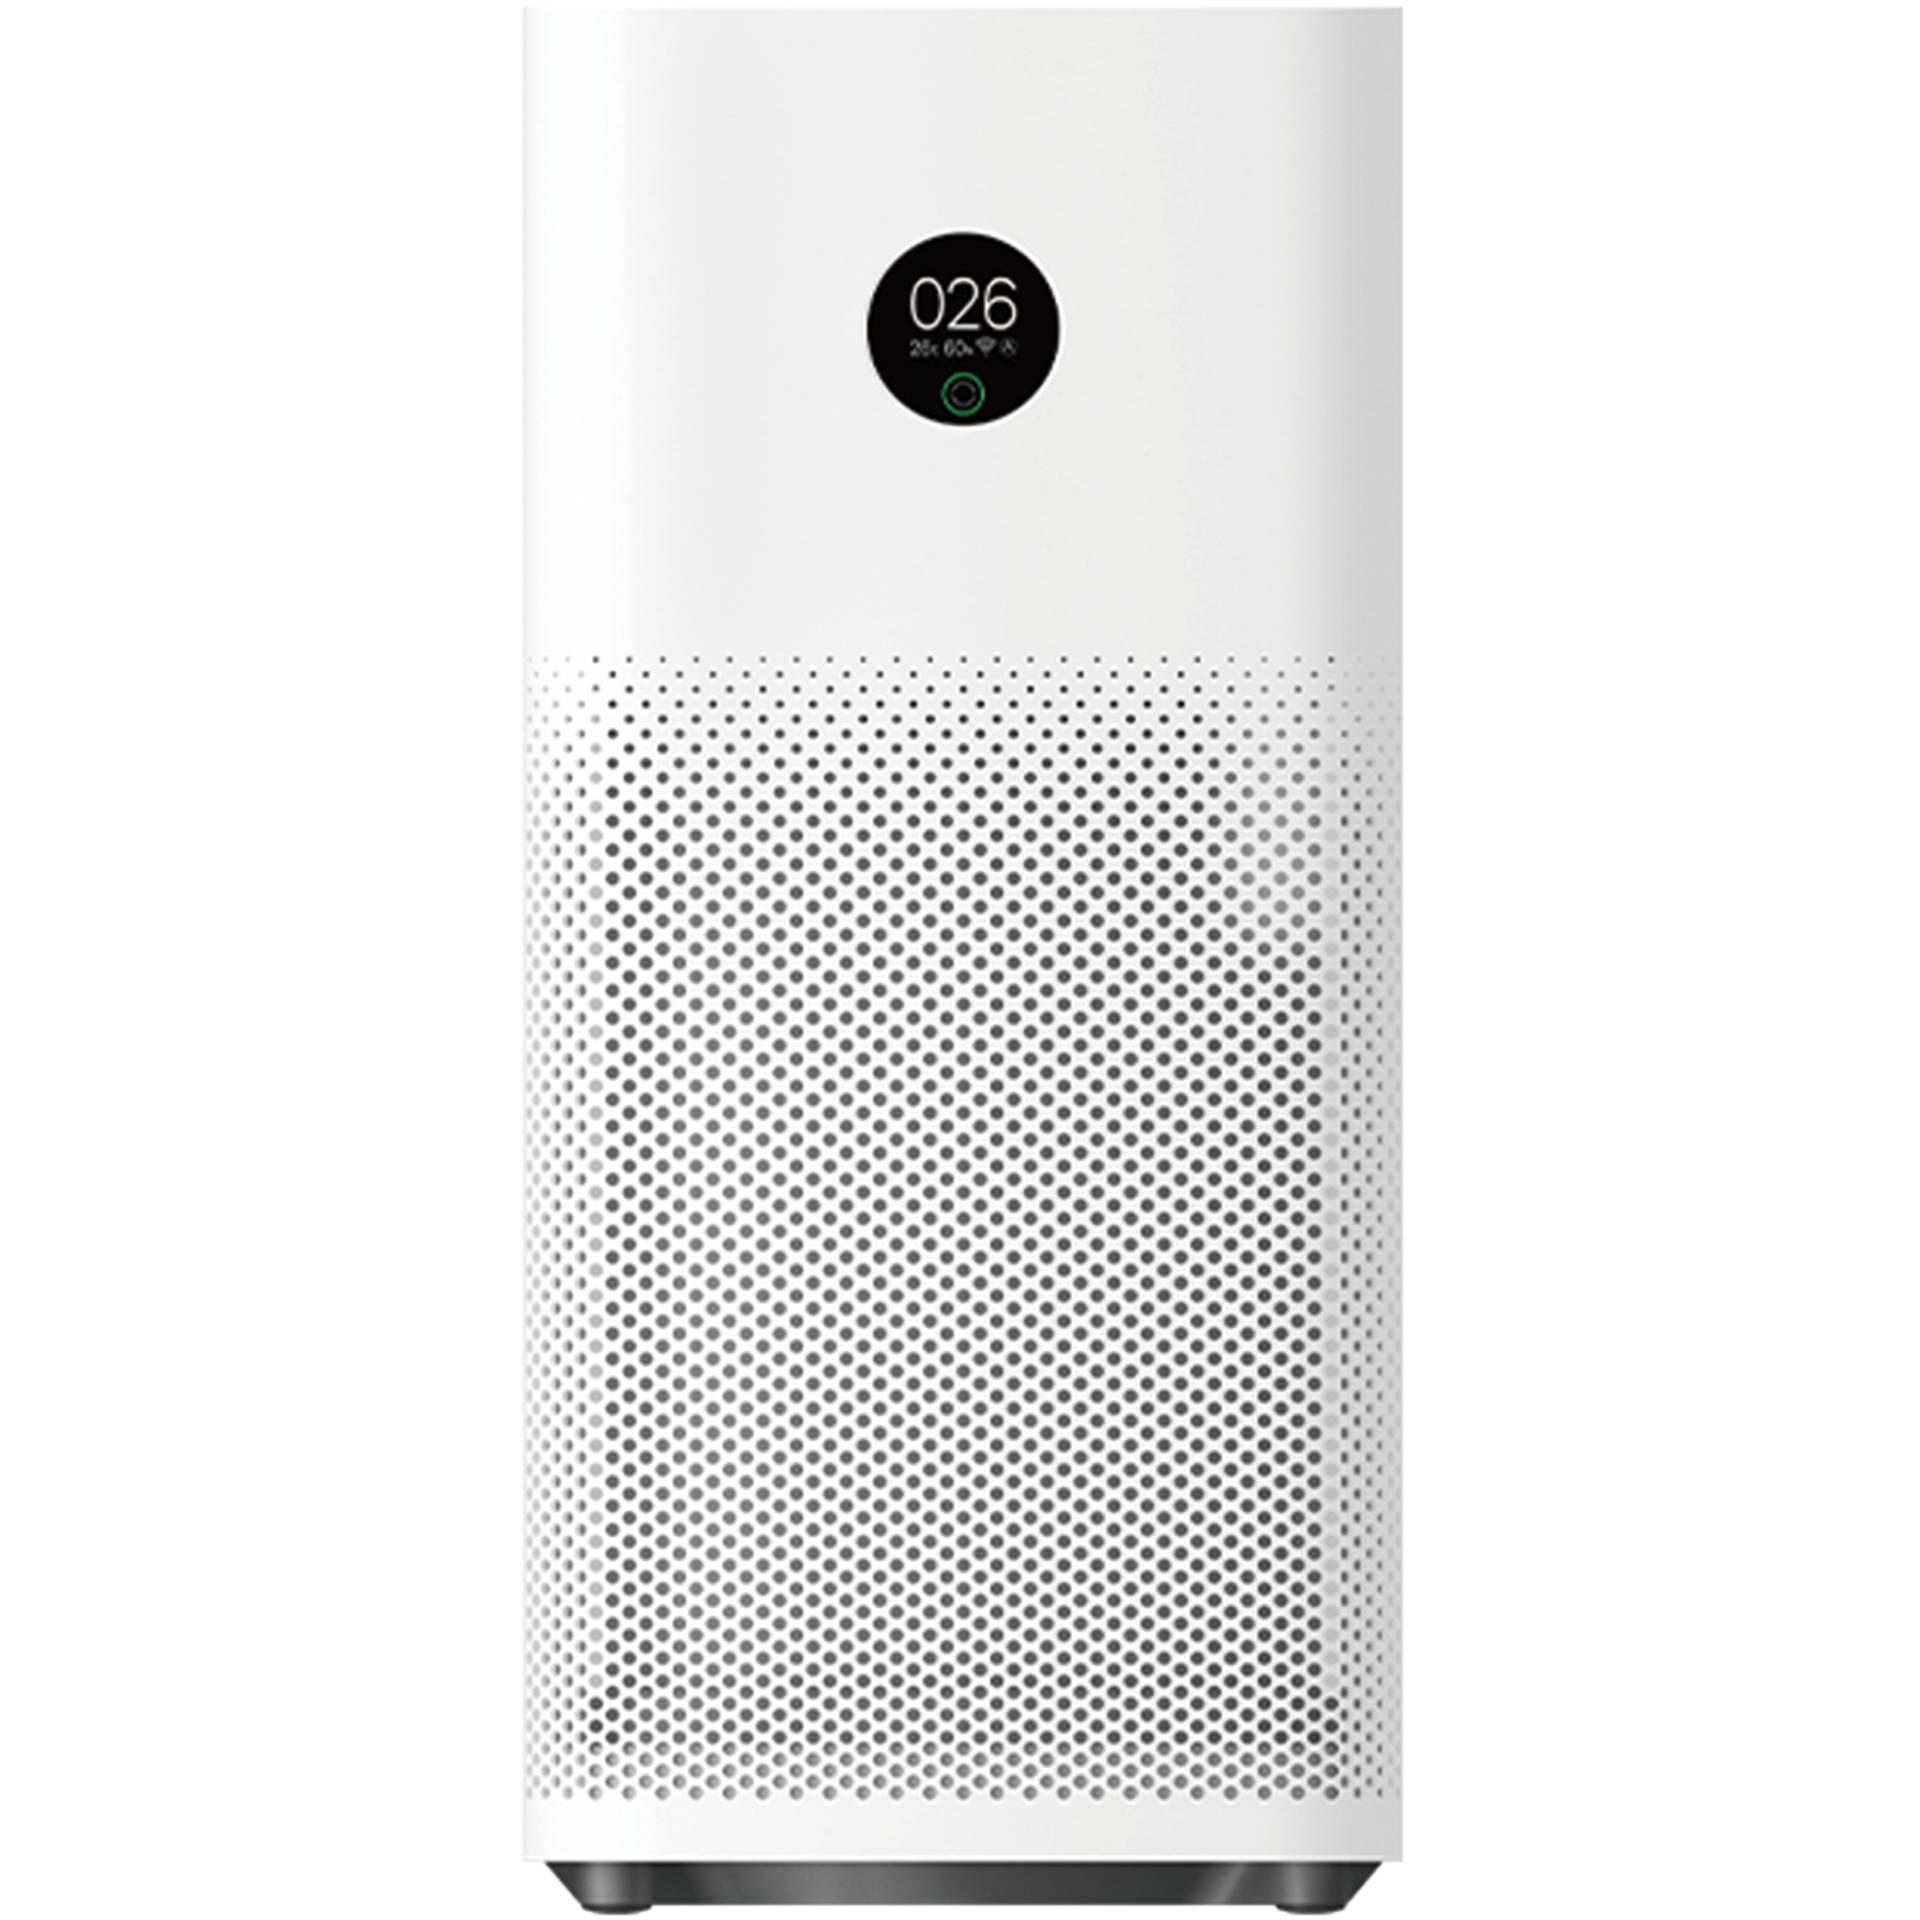 Xiaomi Mi Air Purifier 3H Luftreiniger EU VERSION   Versand aus DE 98.45€   Versand aus PL 96,20€